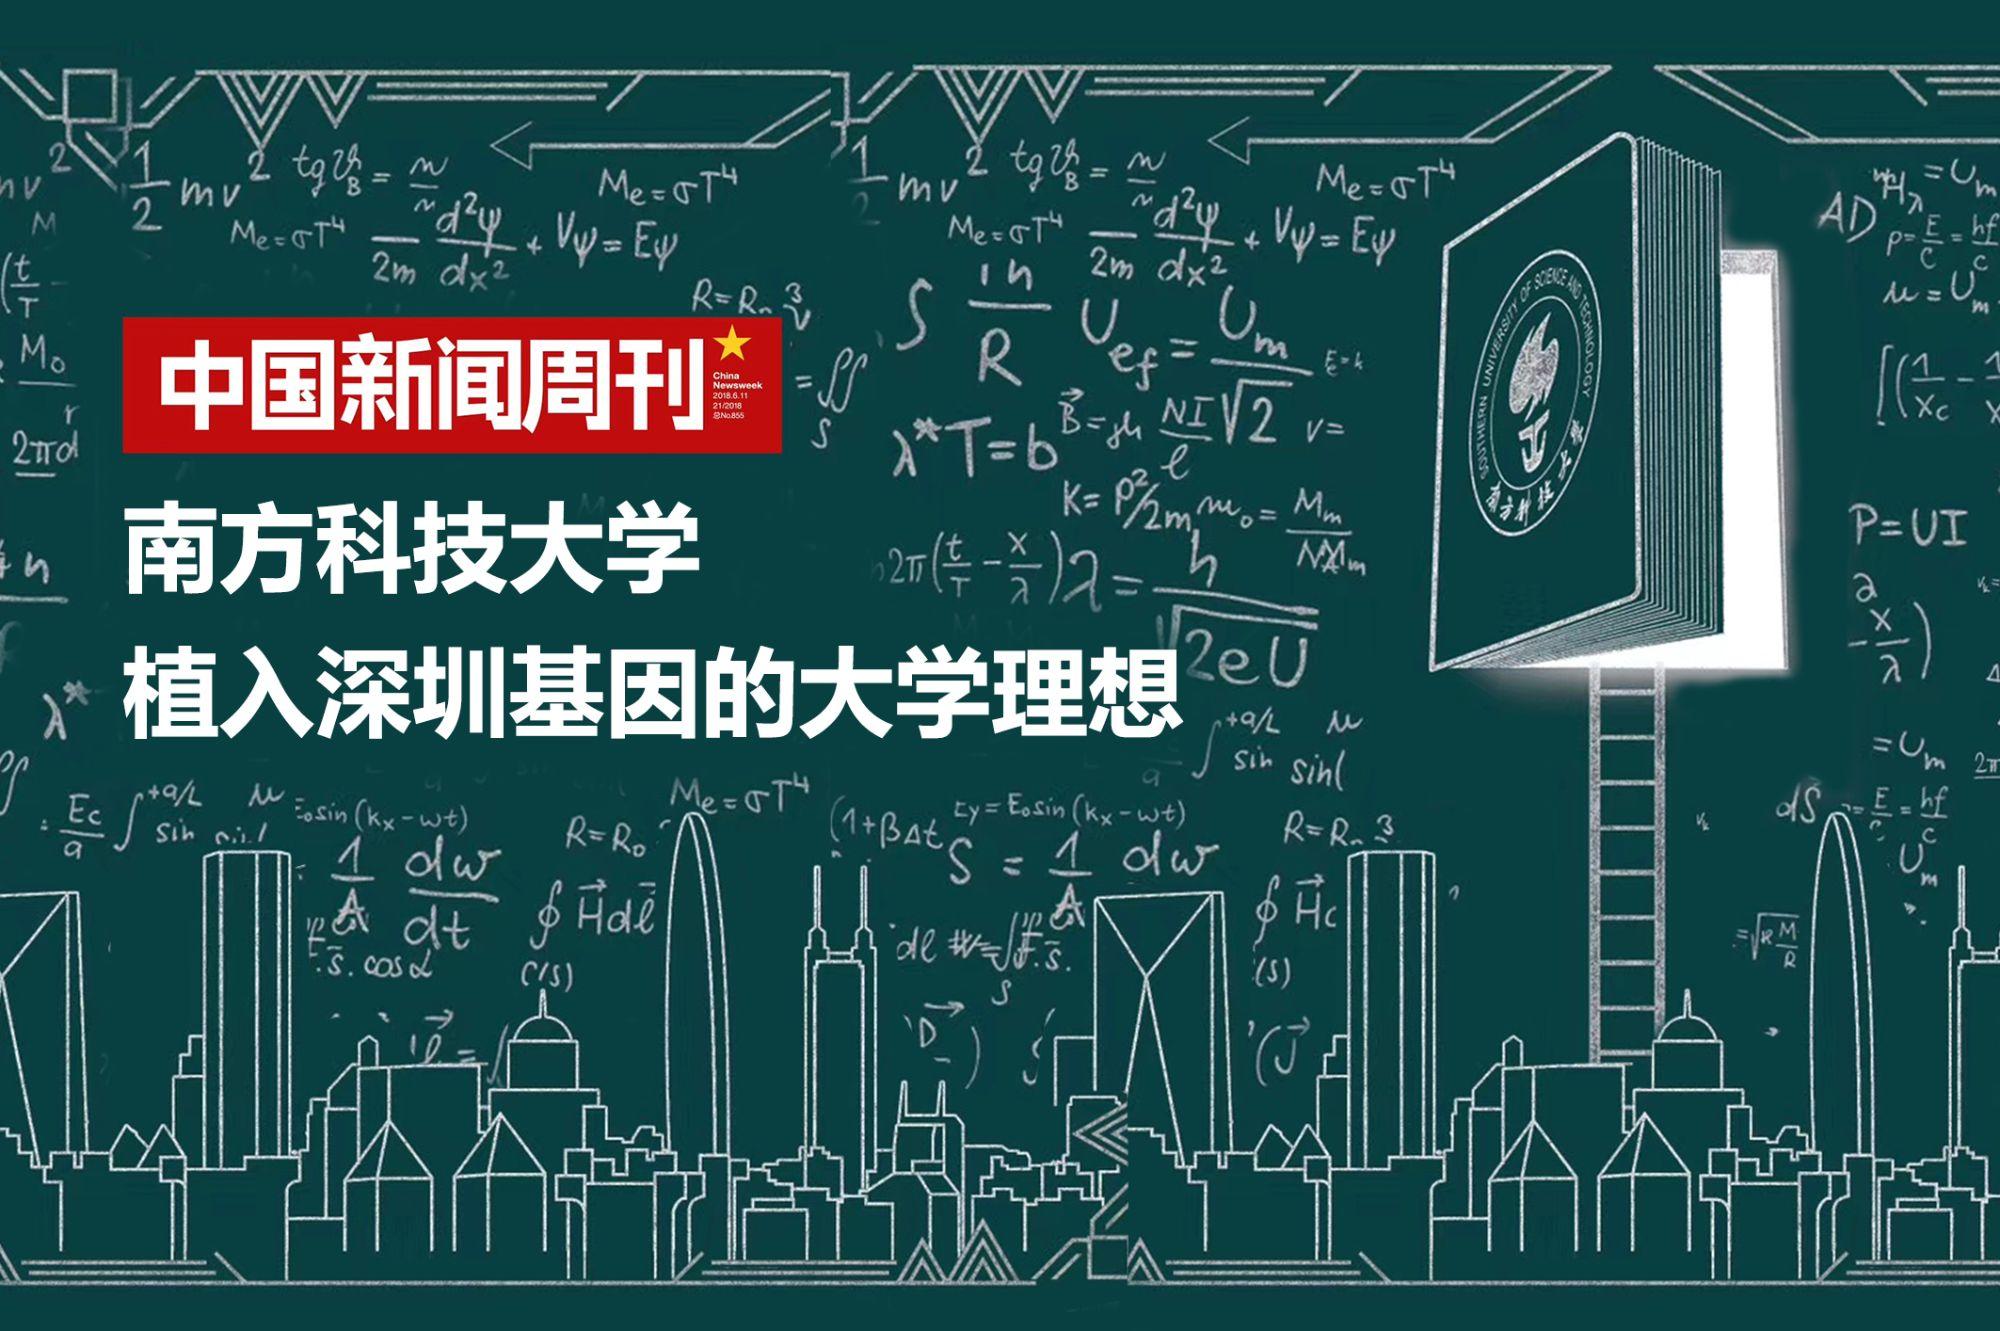 China Newsweek: SUSTech, a University with Shenzhen's Innovative Spirit